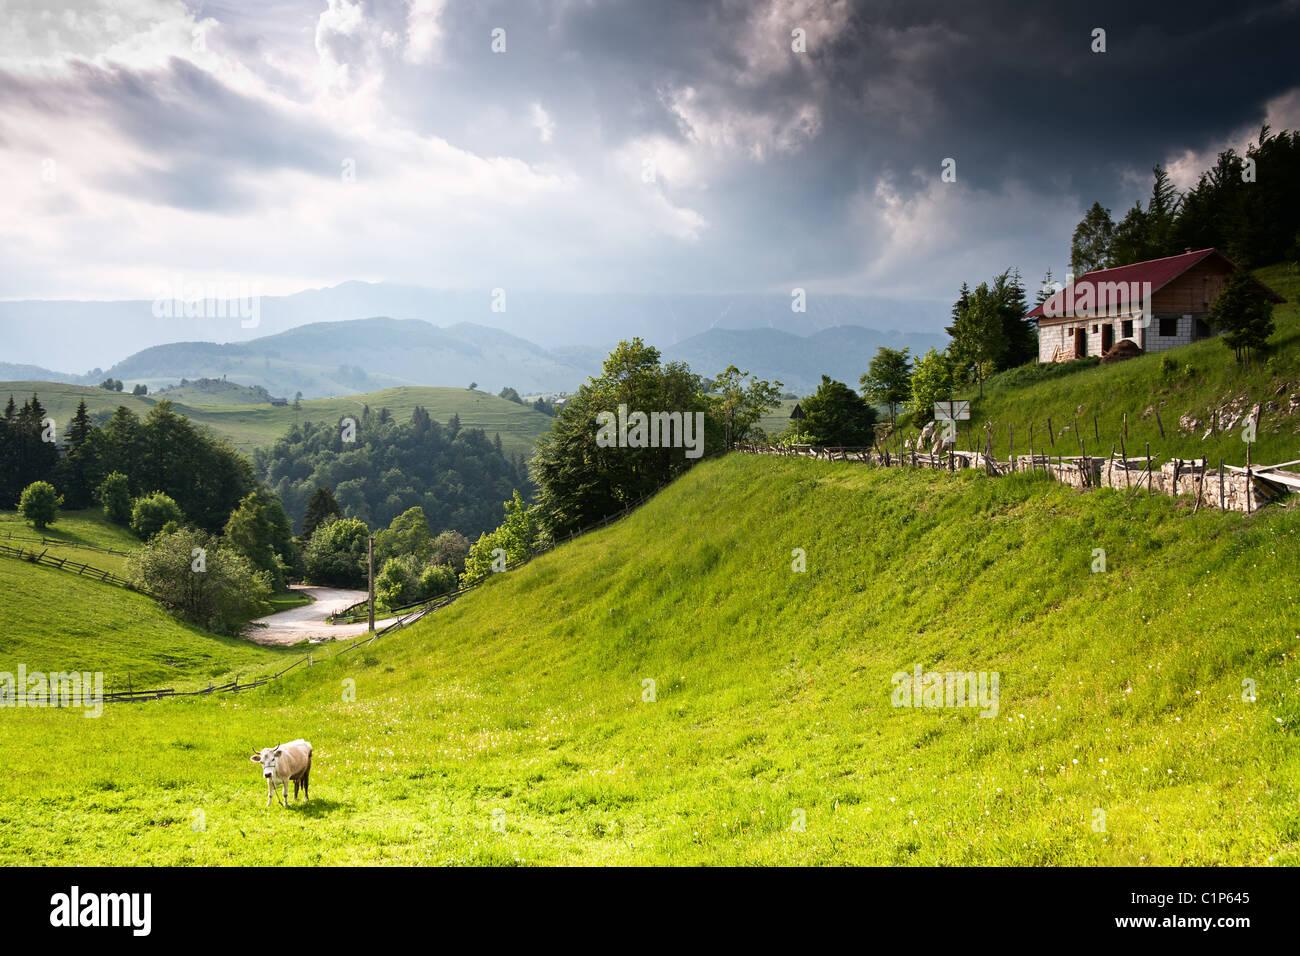 Schöne lebendige und erstaunliche Landschaft von rumänischen Landschaft Stockbild